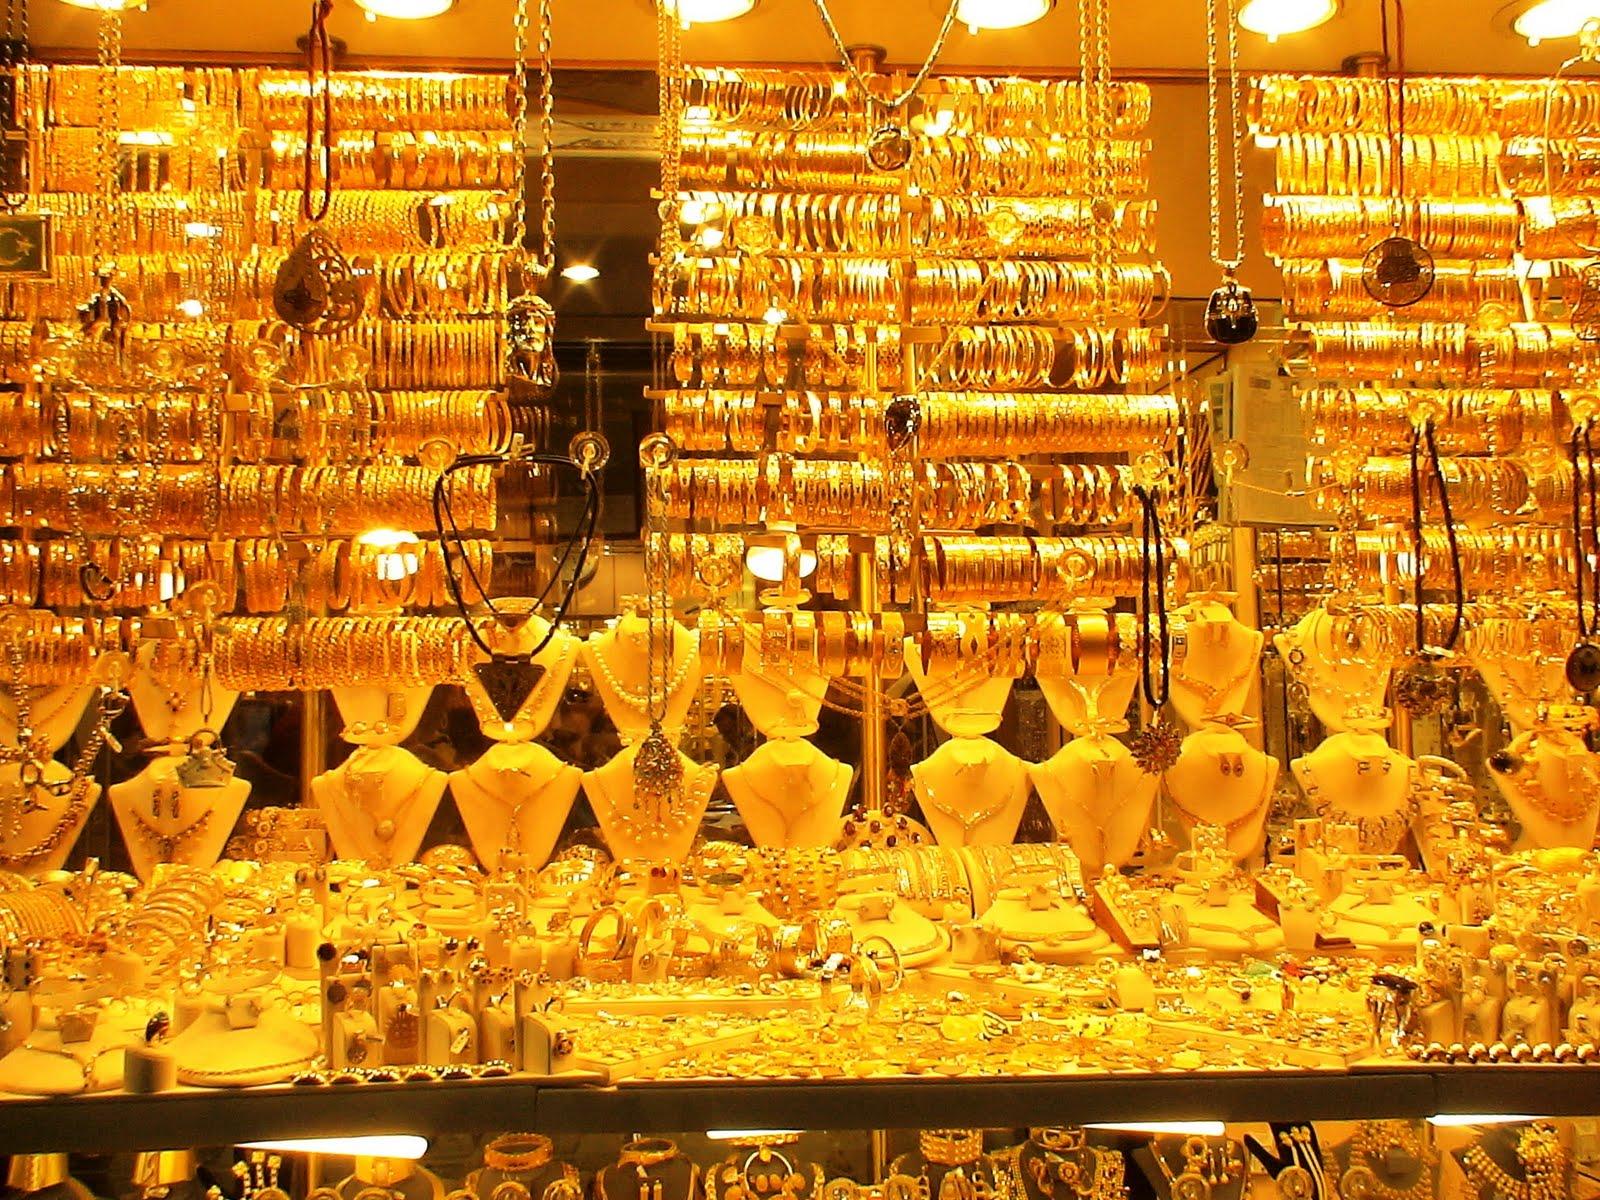 انخفاض الذهب جنيها اليوم.. وعيار 21 يسجل 270 جنيها